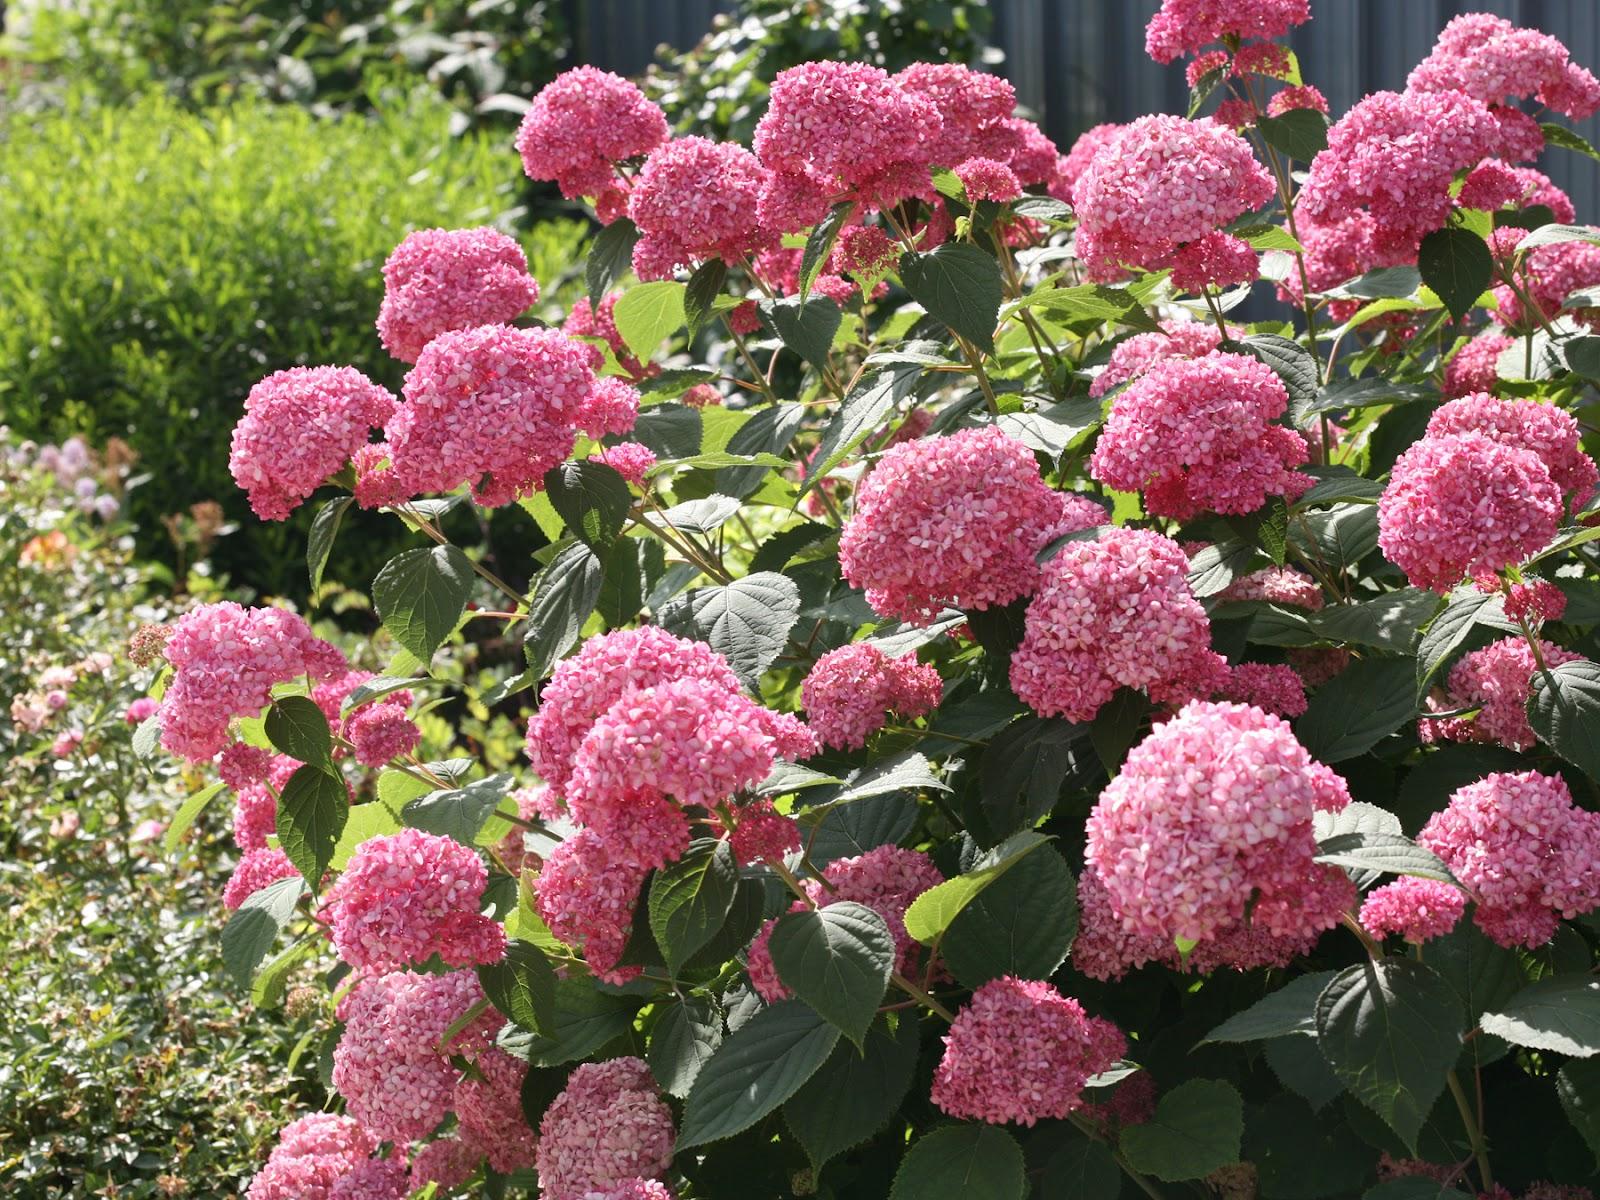 hortensja drzewiasta r owa anabelle hydrangea arborescens pink anabelle. Black Bedroom Furniture Sets. Home Design Ideas